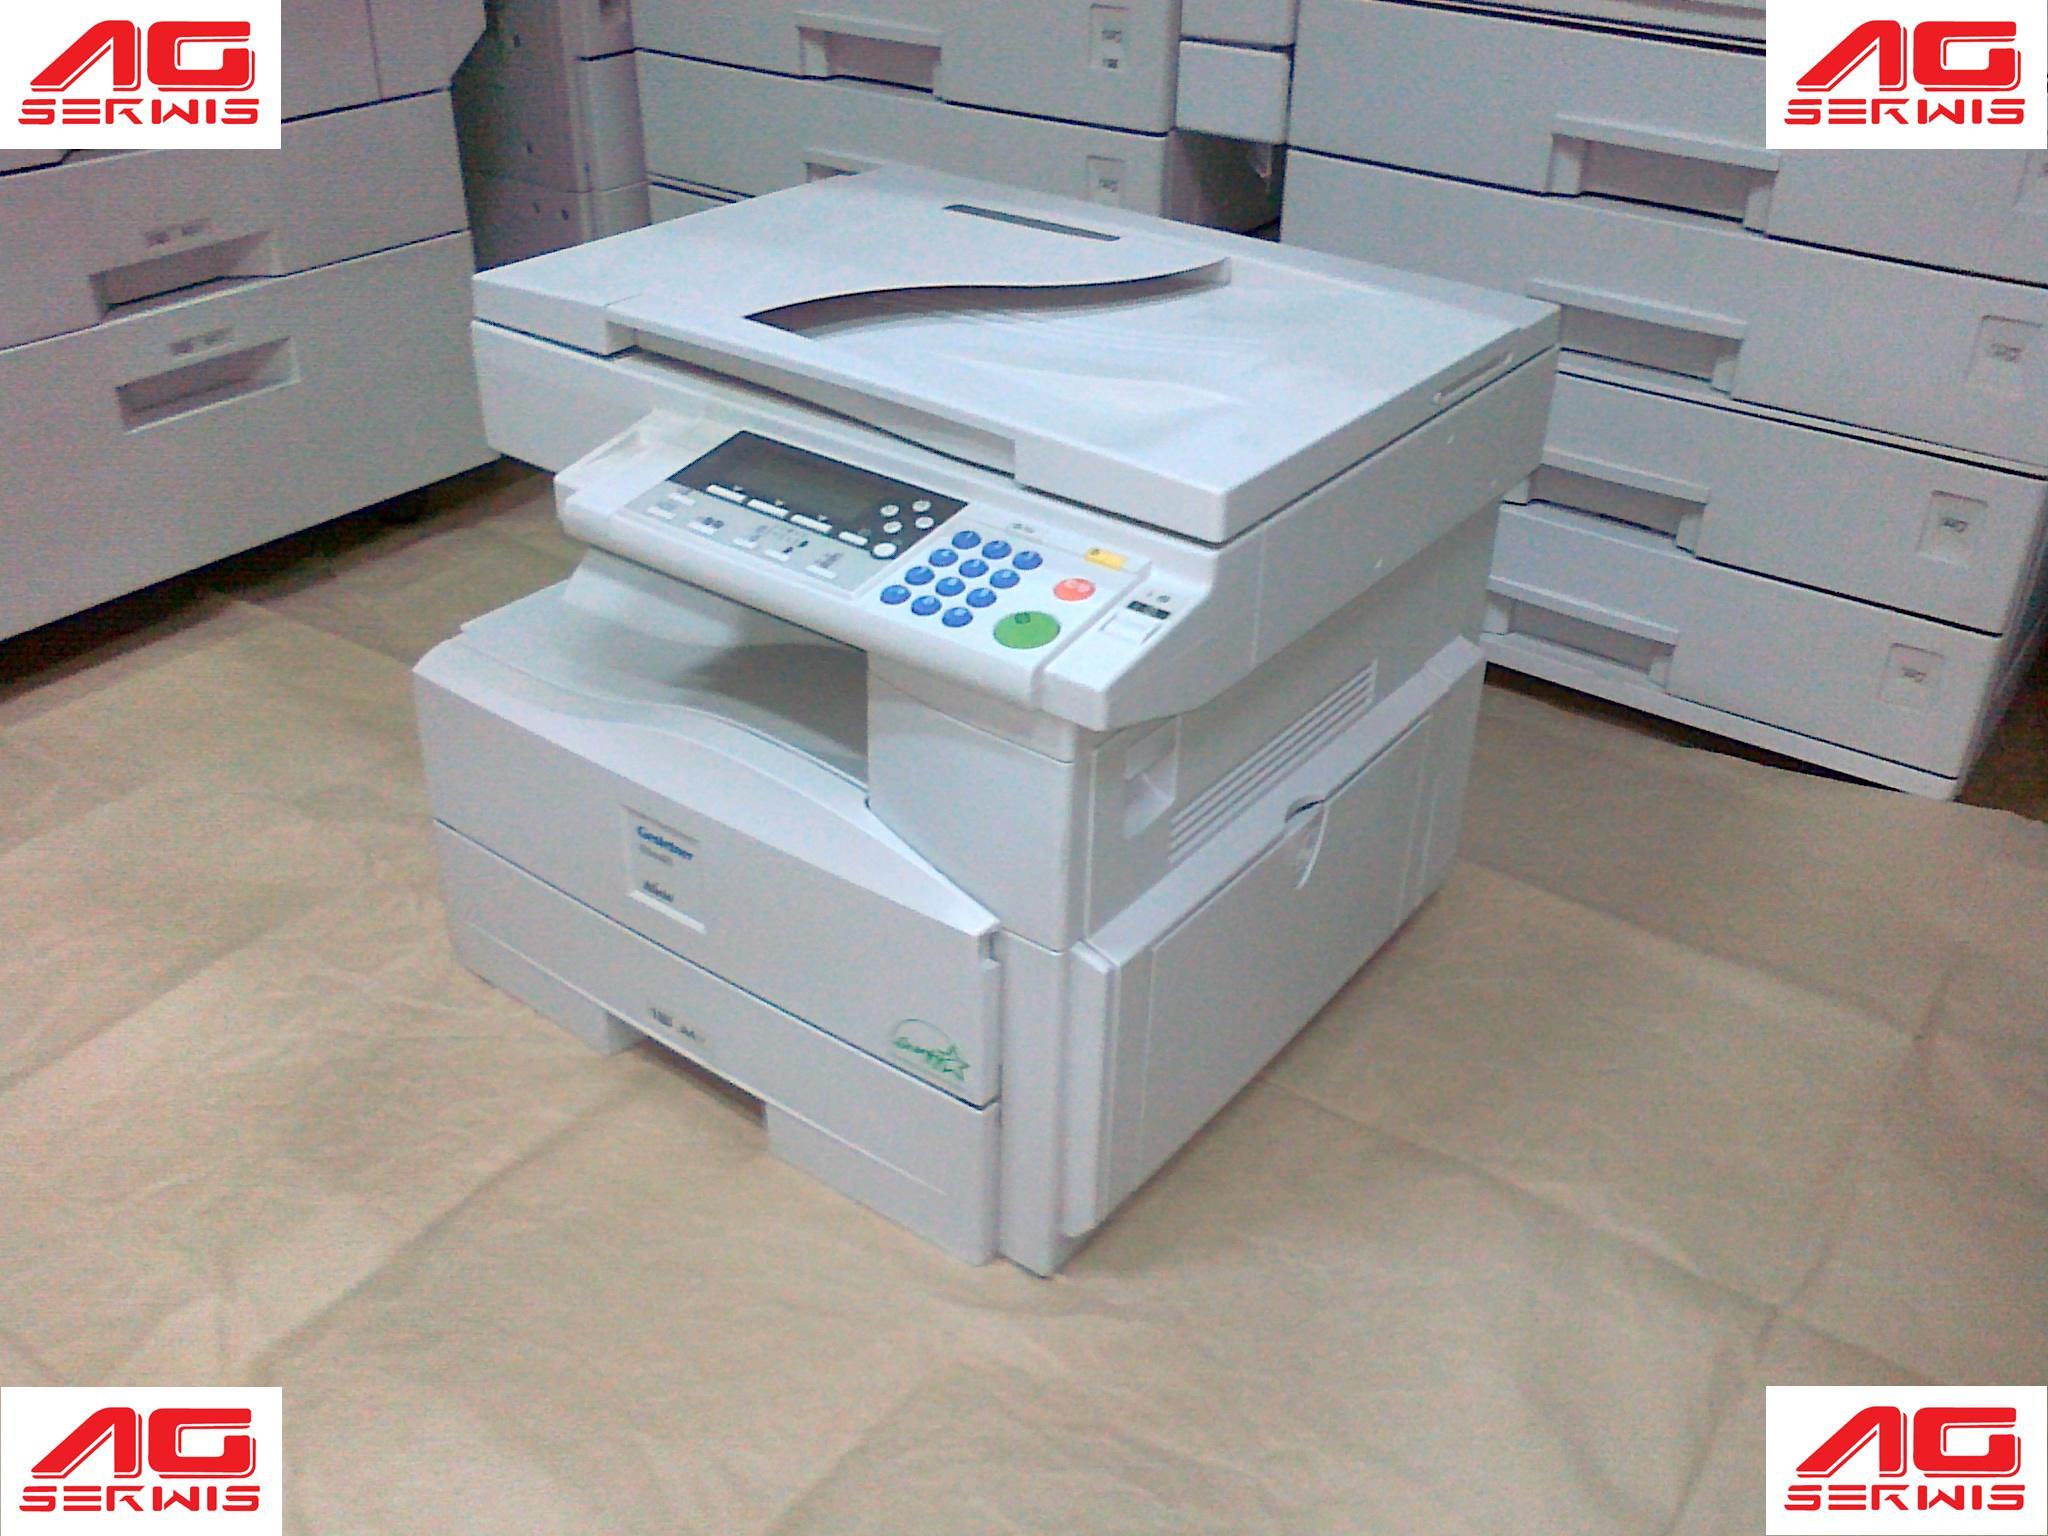 skaner kserokopiarka mala drukarka fax